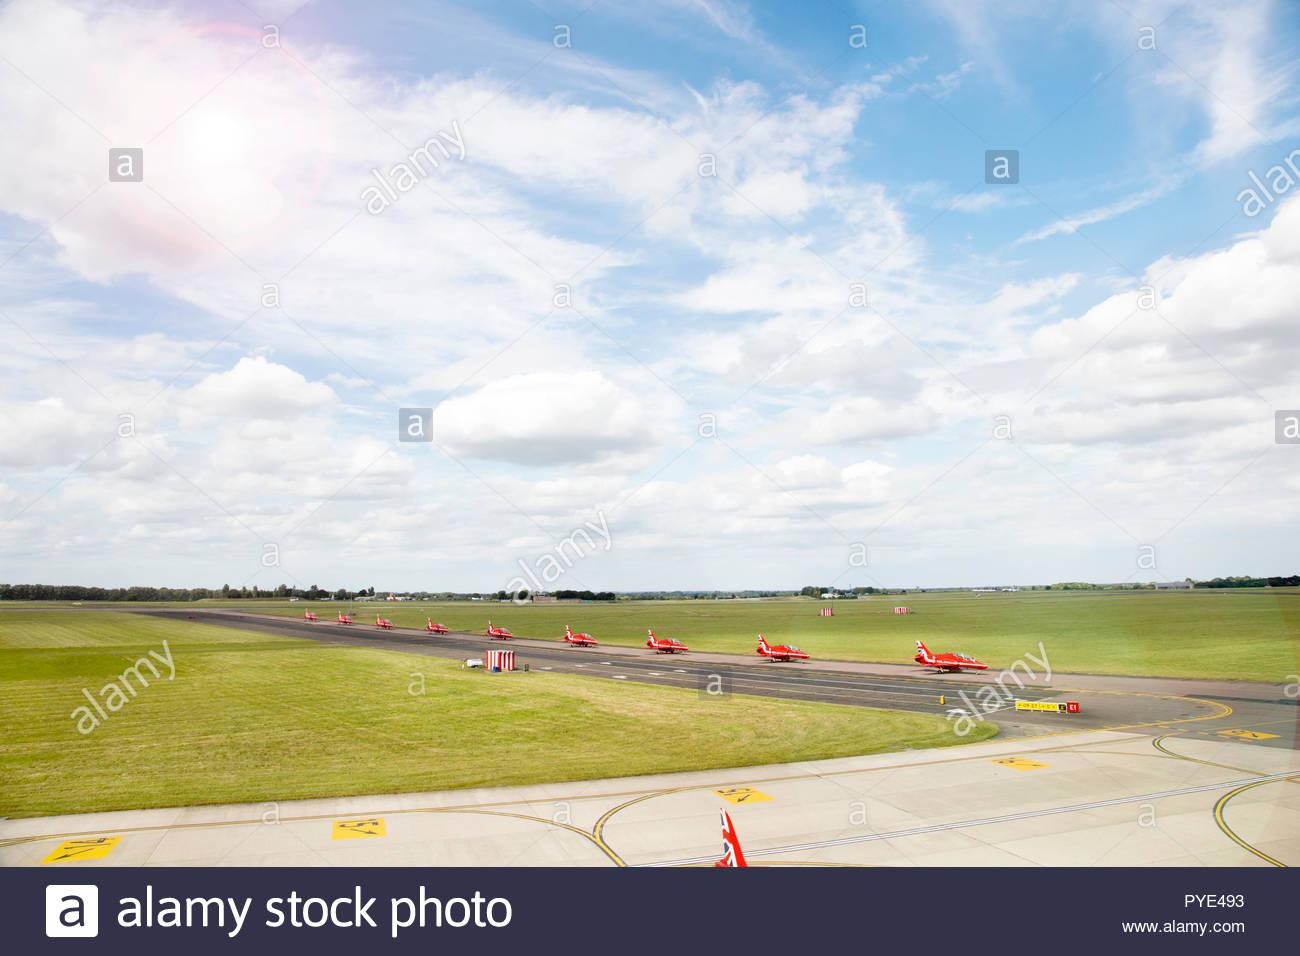 Red Arrows airplanes on runway on RAF Scrampton, UK - Stock Image